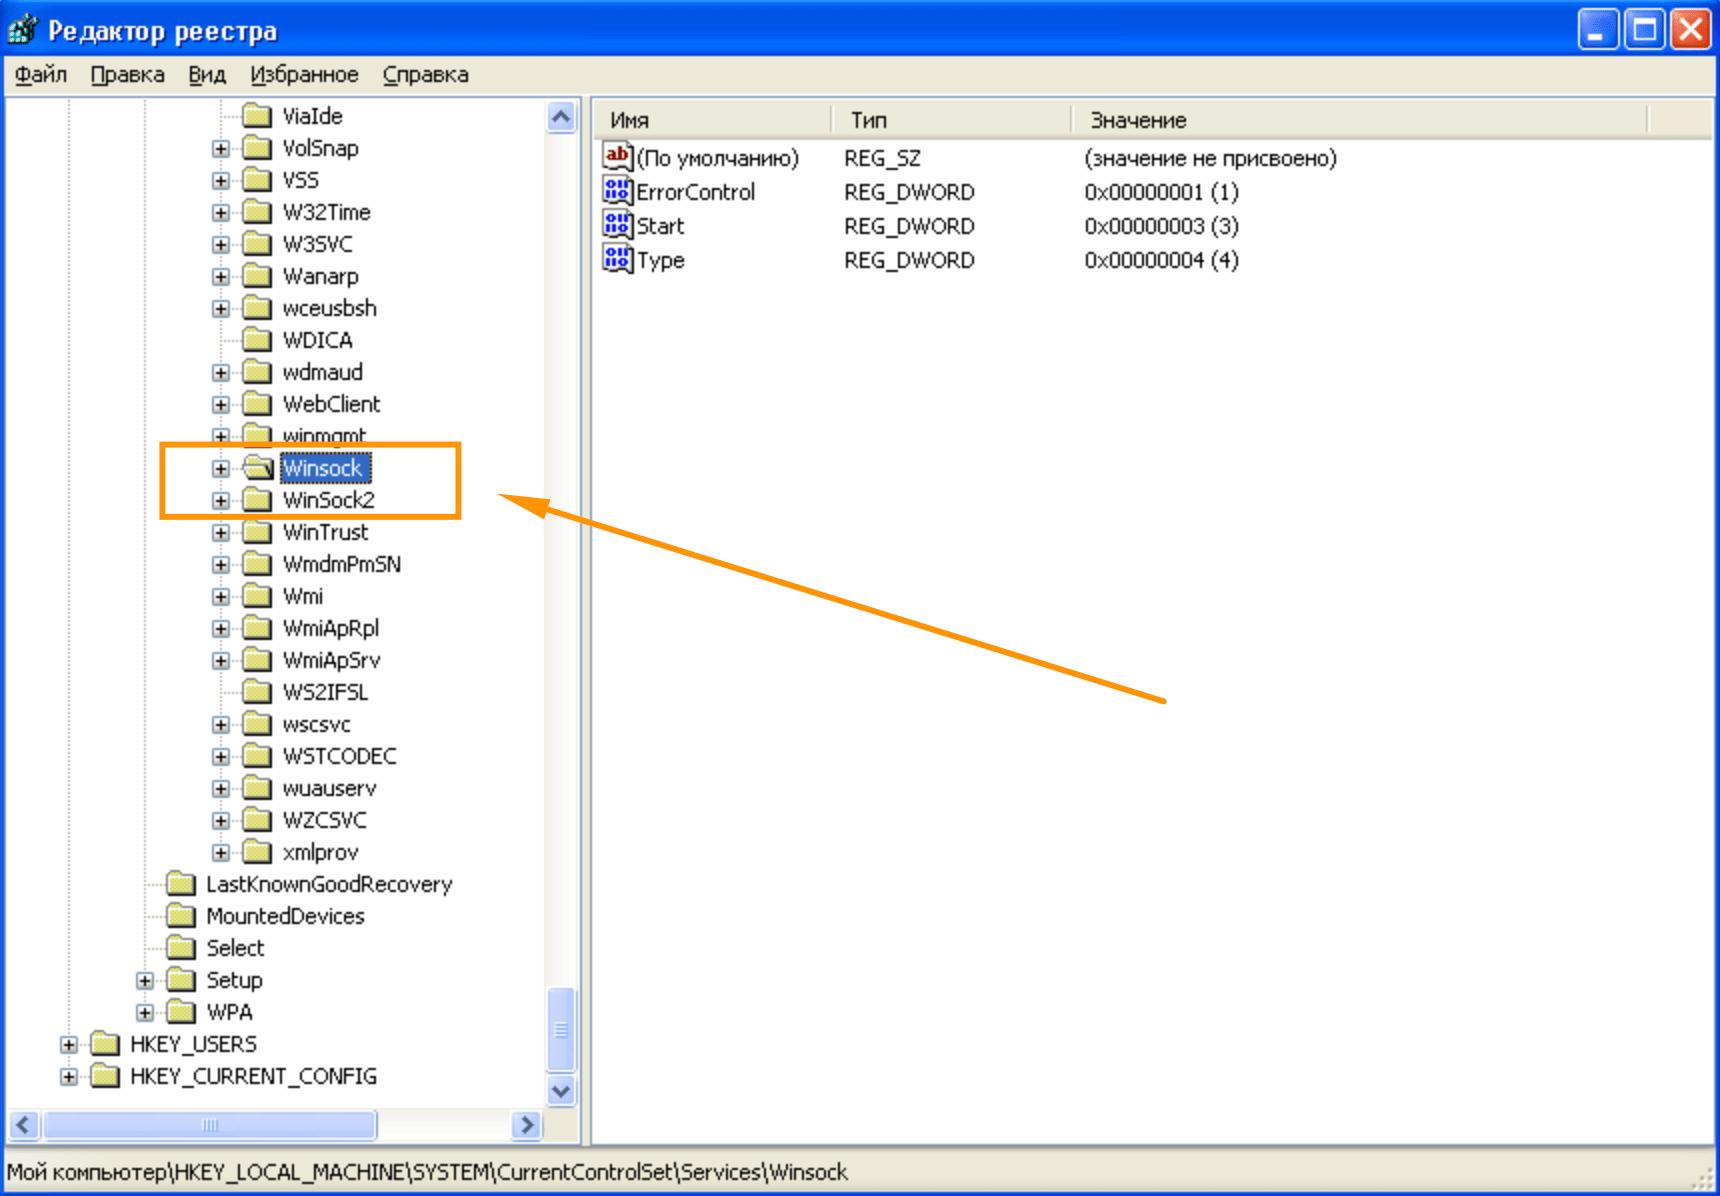 Удаление каталогов Winsock и Winsock2 в Редакторе реестра